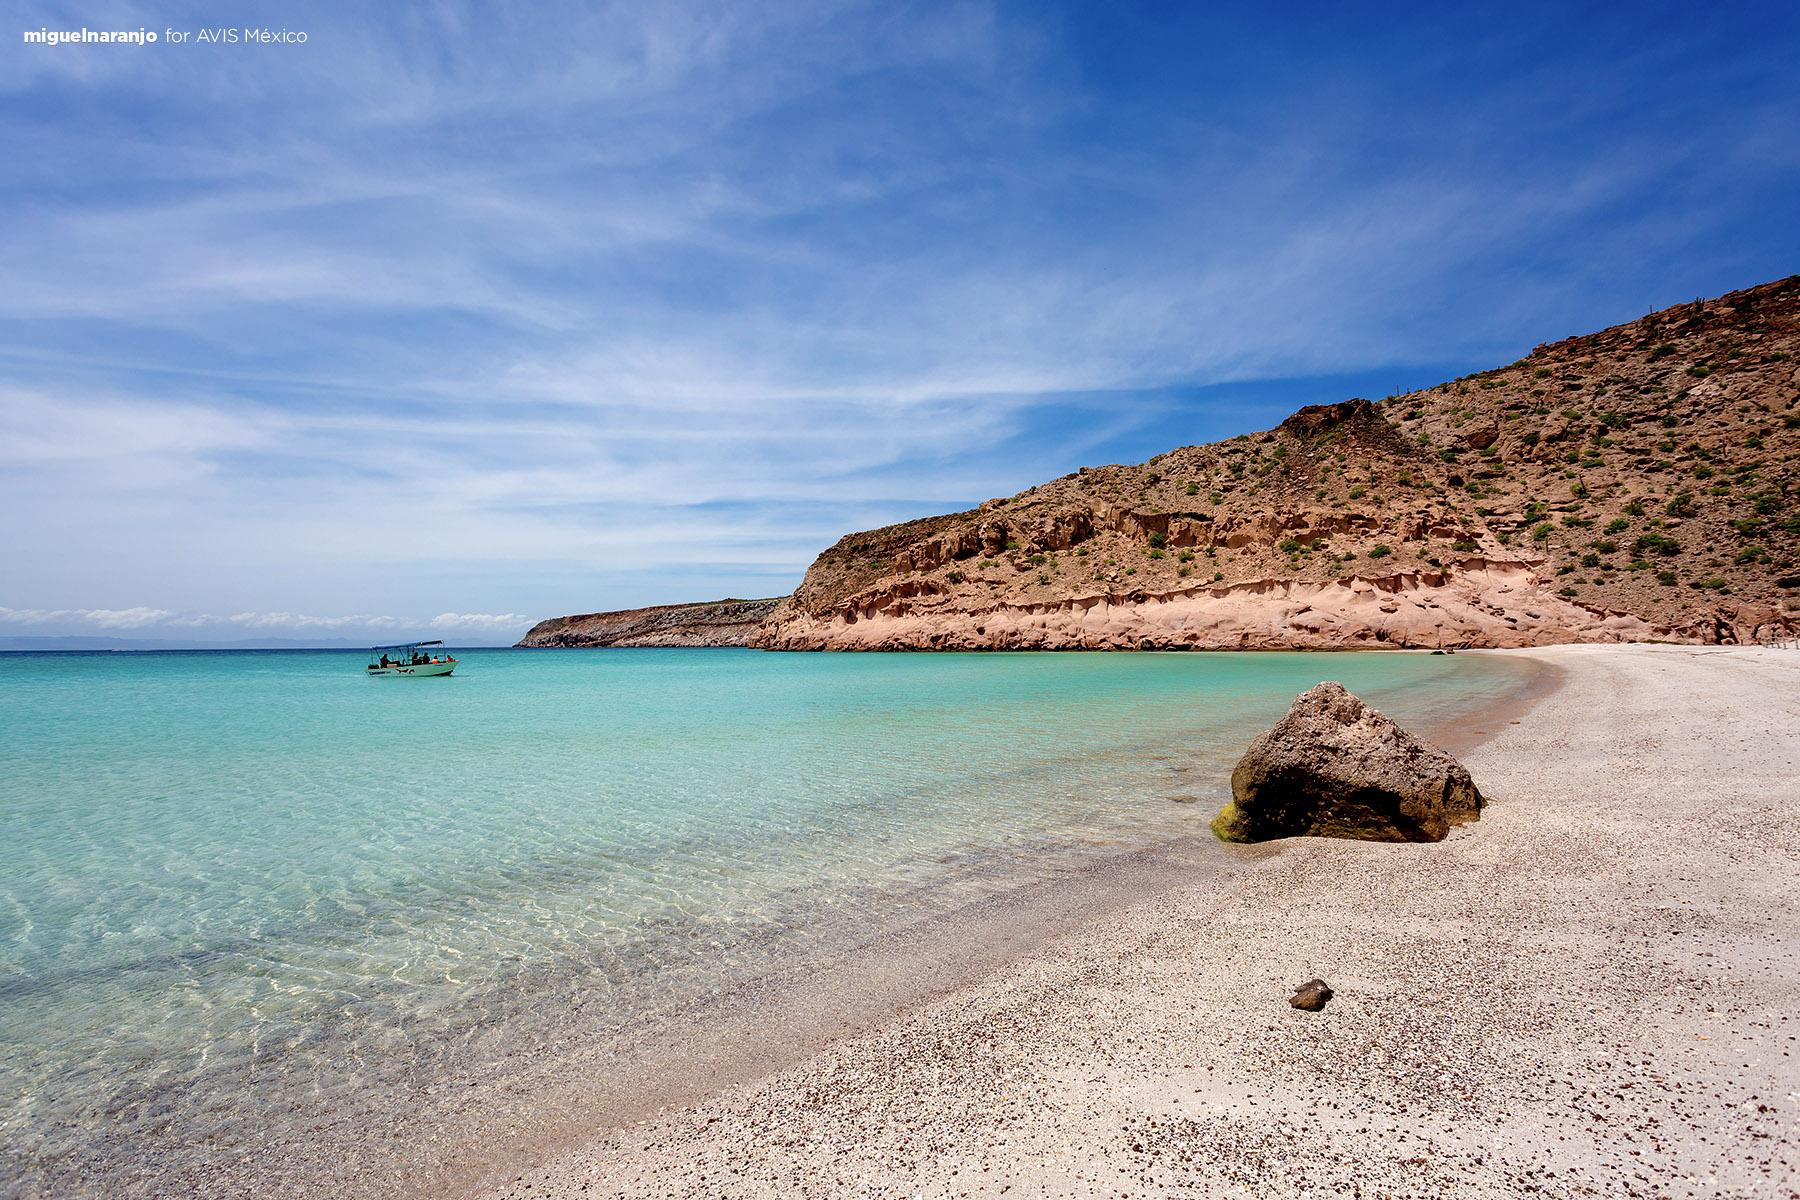 Playa Ensenada Grande en Isla Espíritu Santo, La Paz, BCS